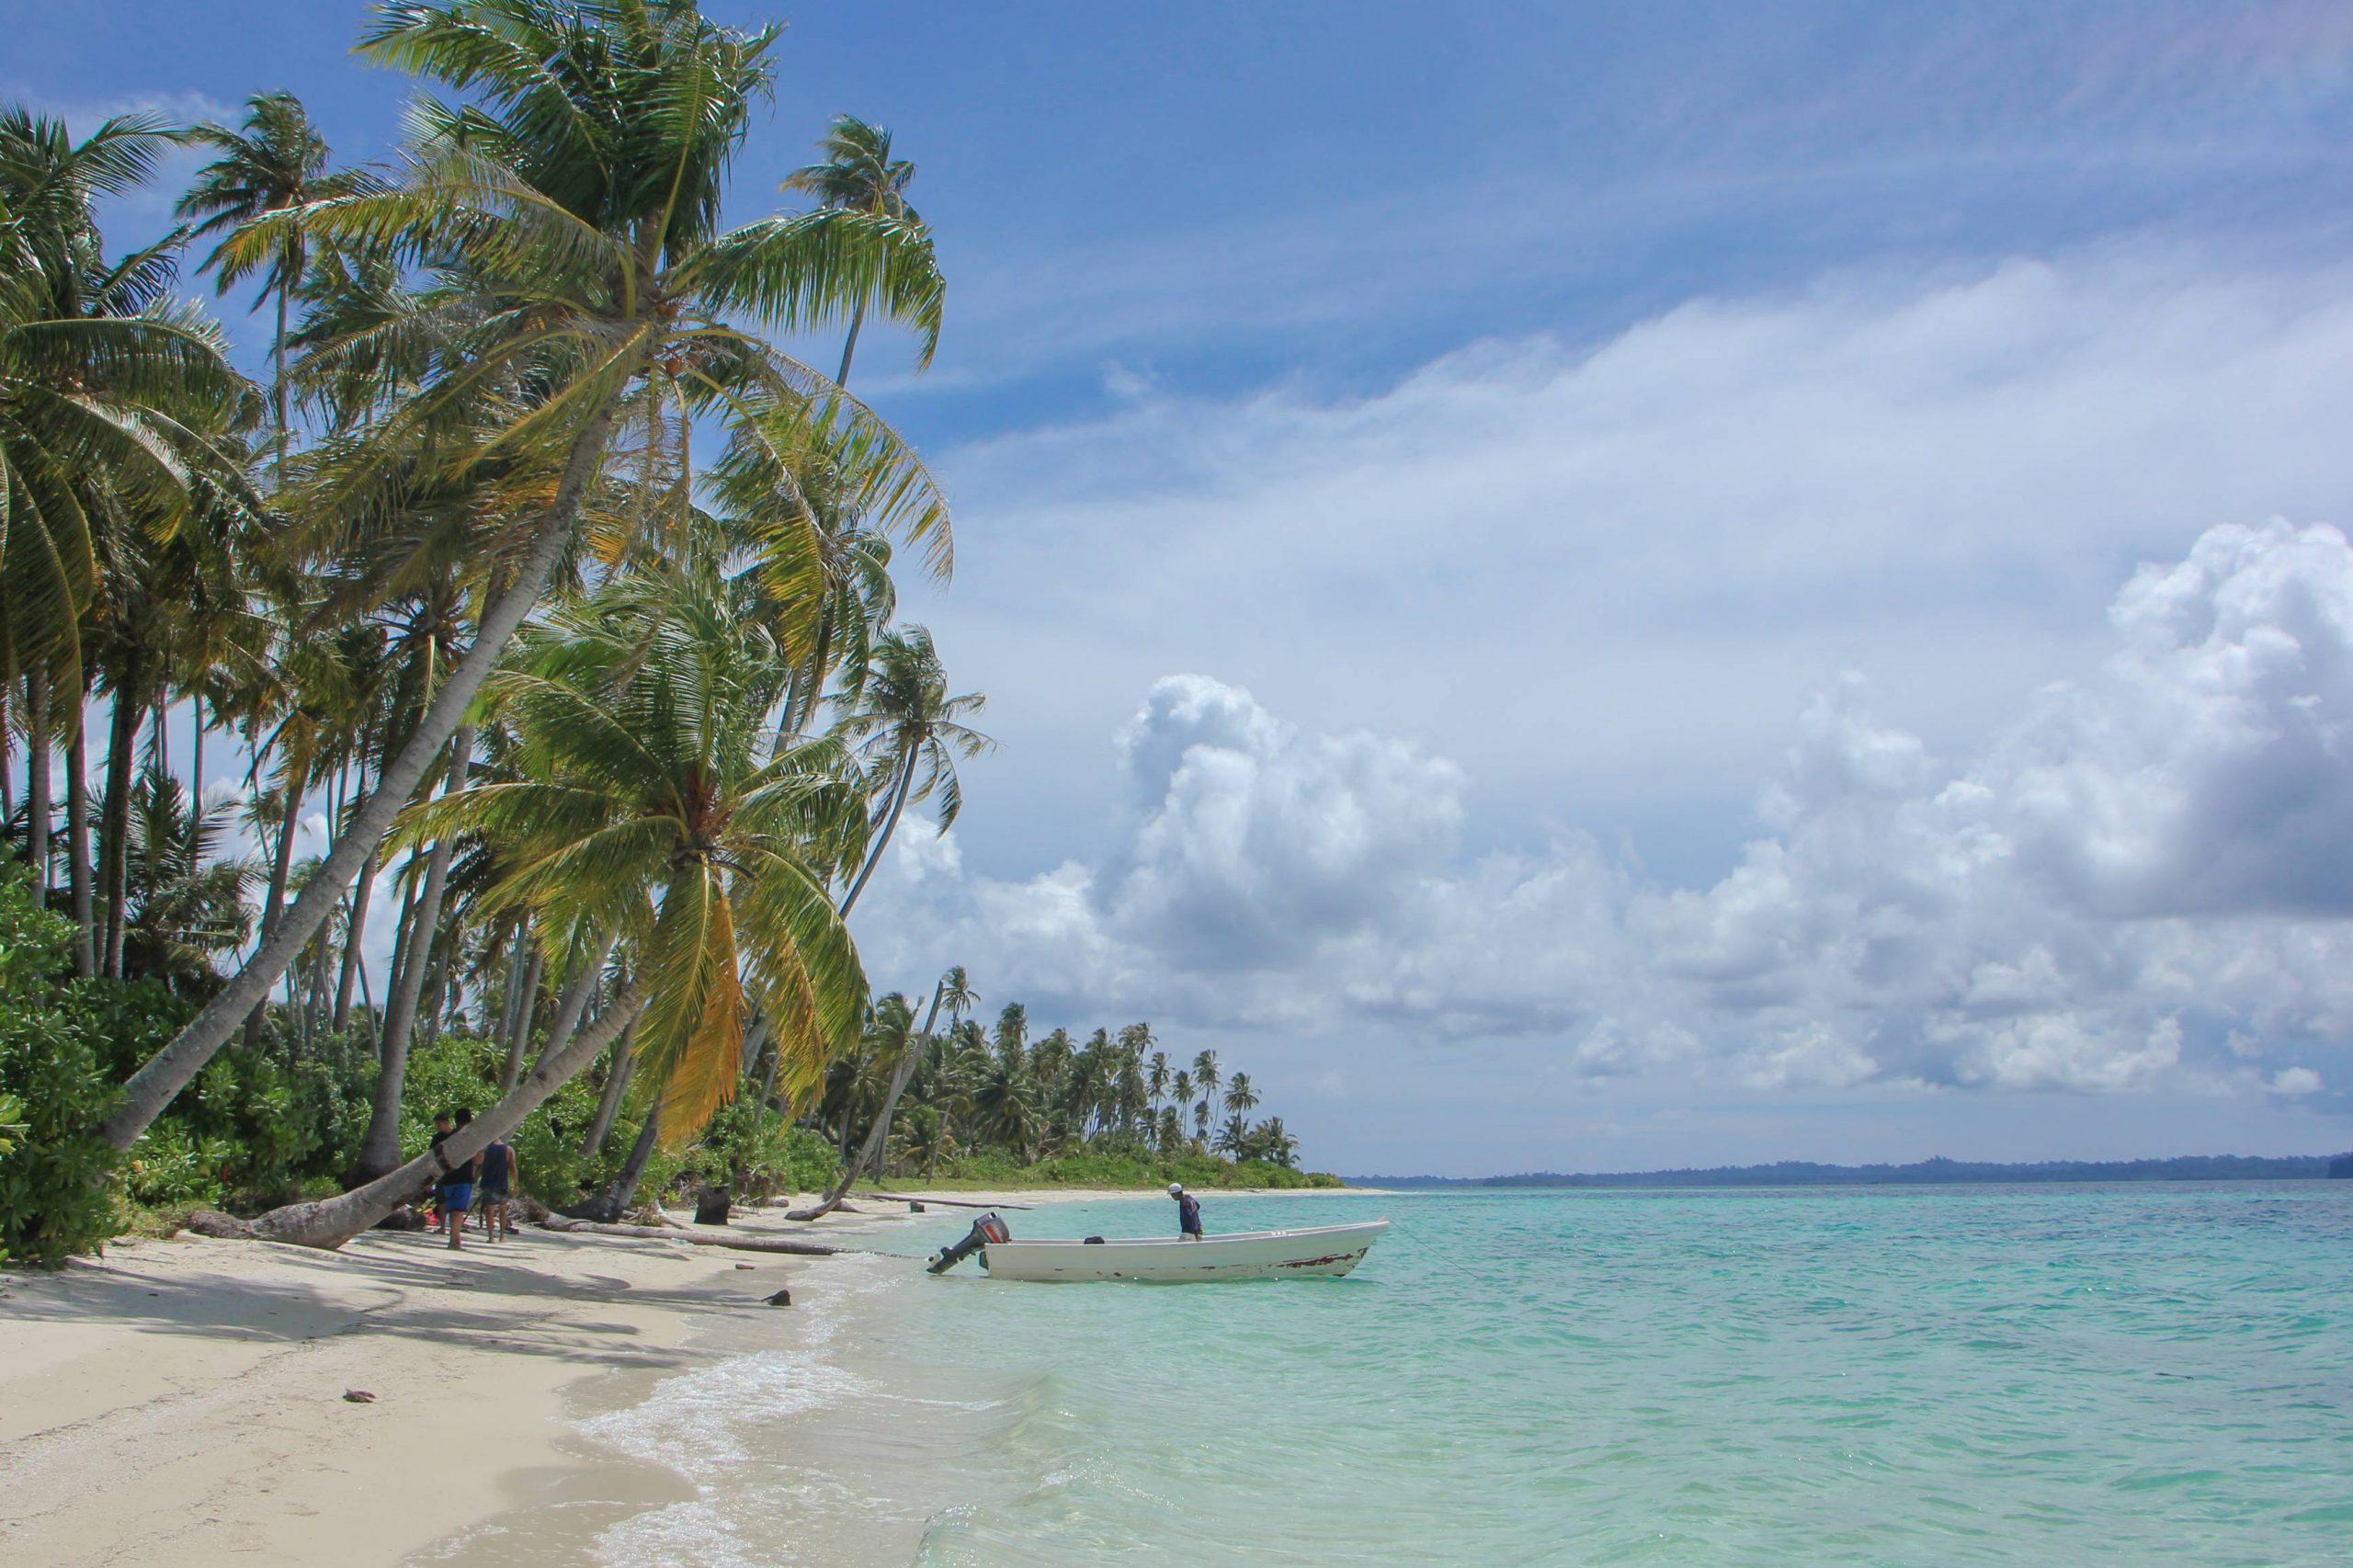 Pulau_Asok_wanda_haris7_compressed